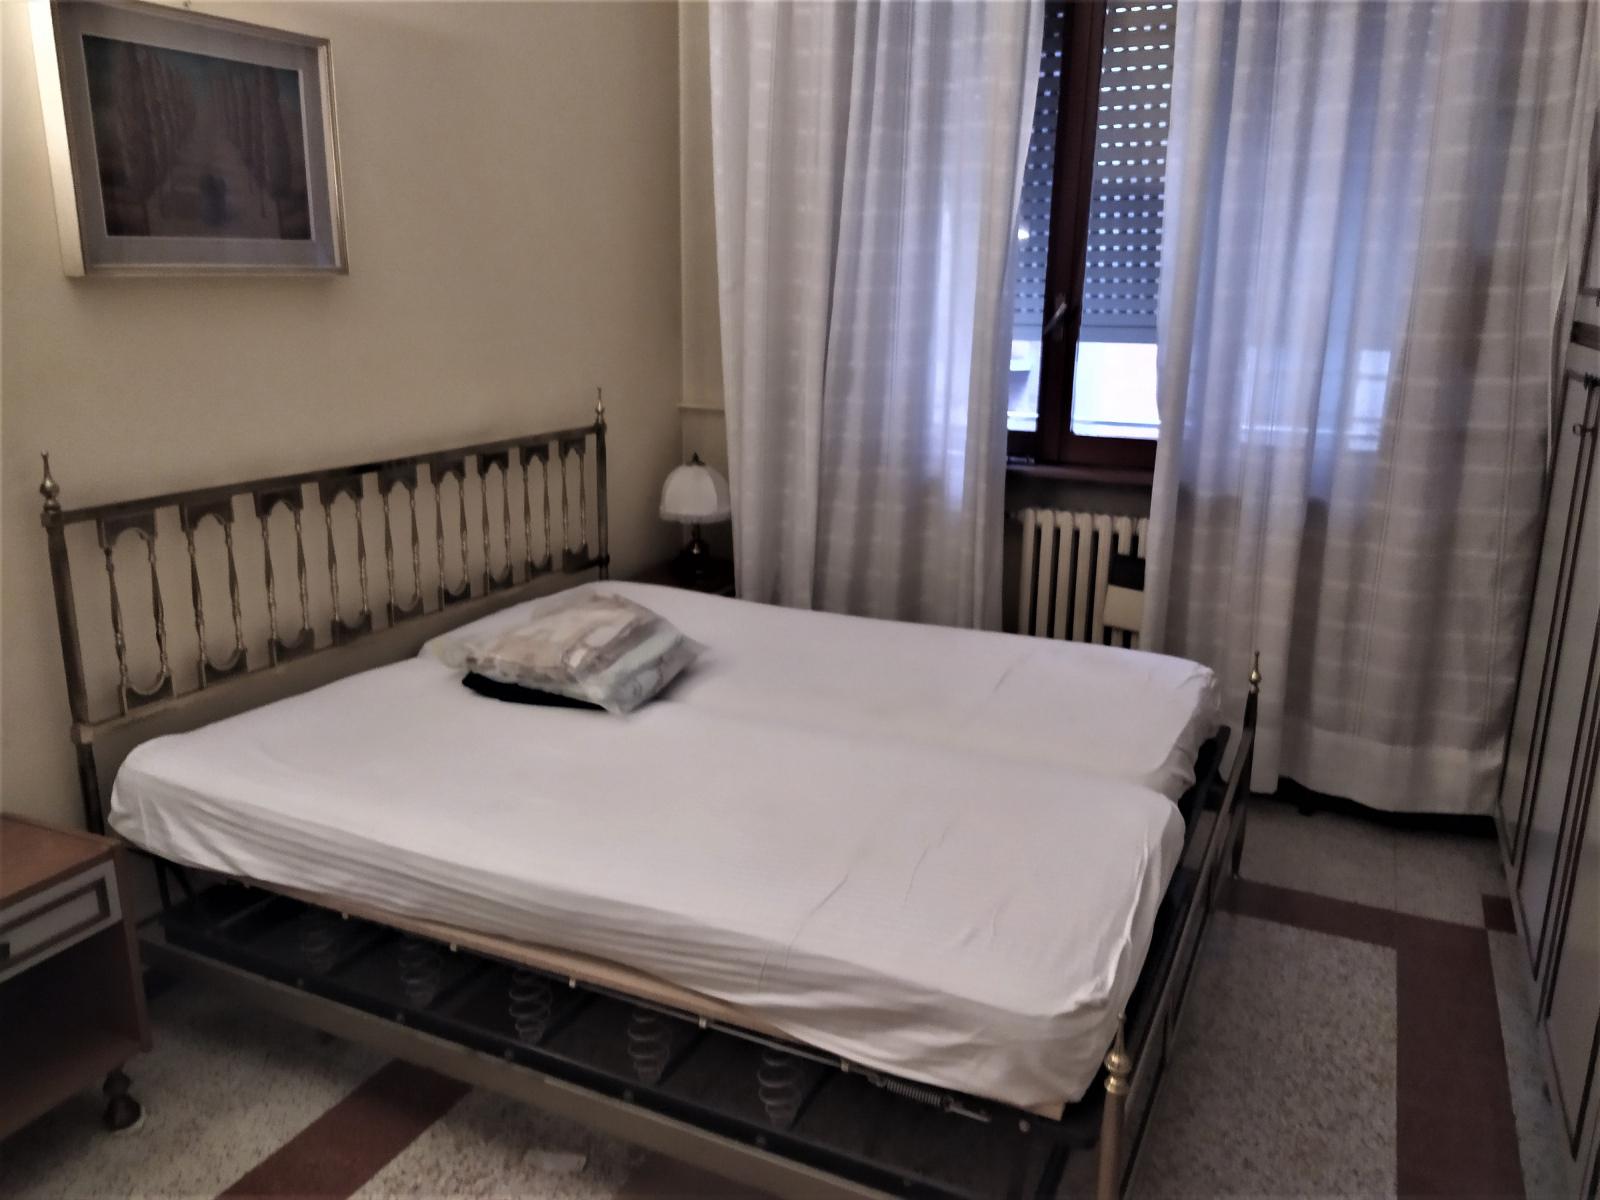 appartamento-in-vendita-piazza-seminunte-tre-locali-milano-da-ristrutturare-spaziourbano-immobiliare-dove-trovi-casa-15